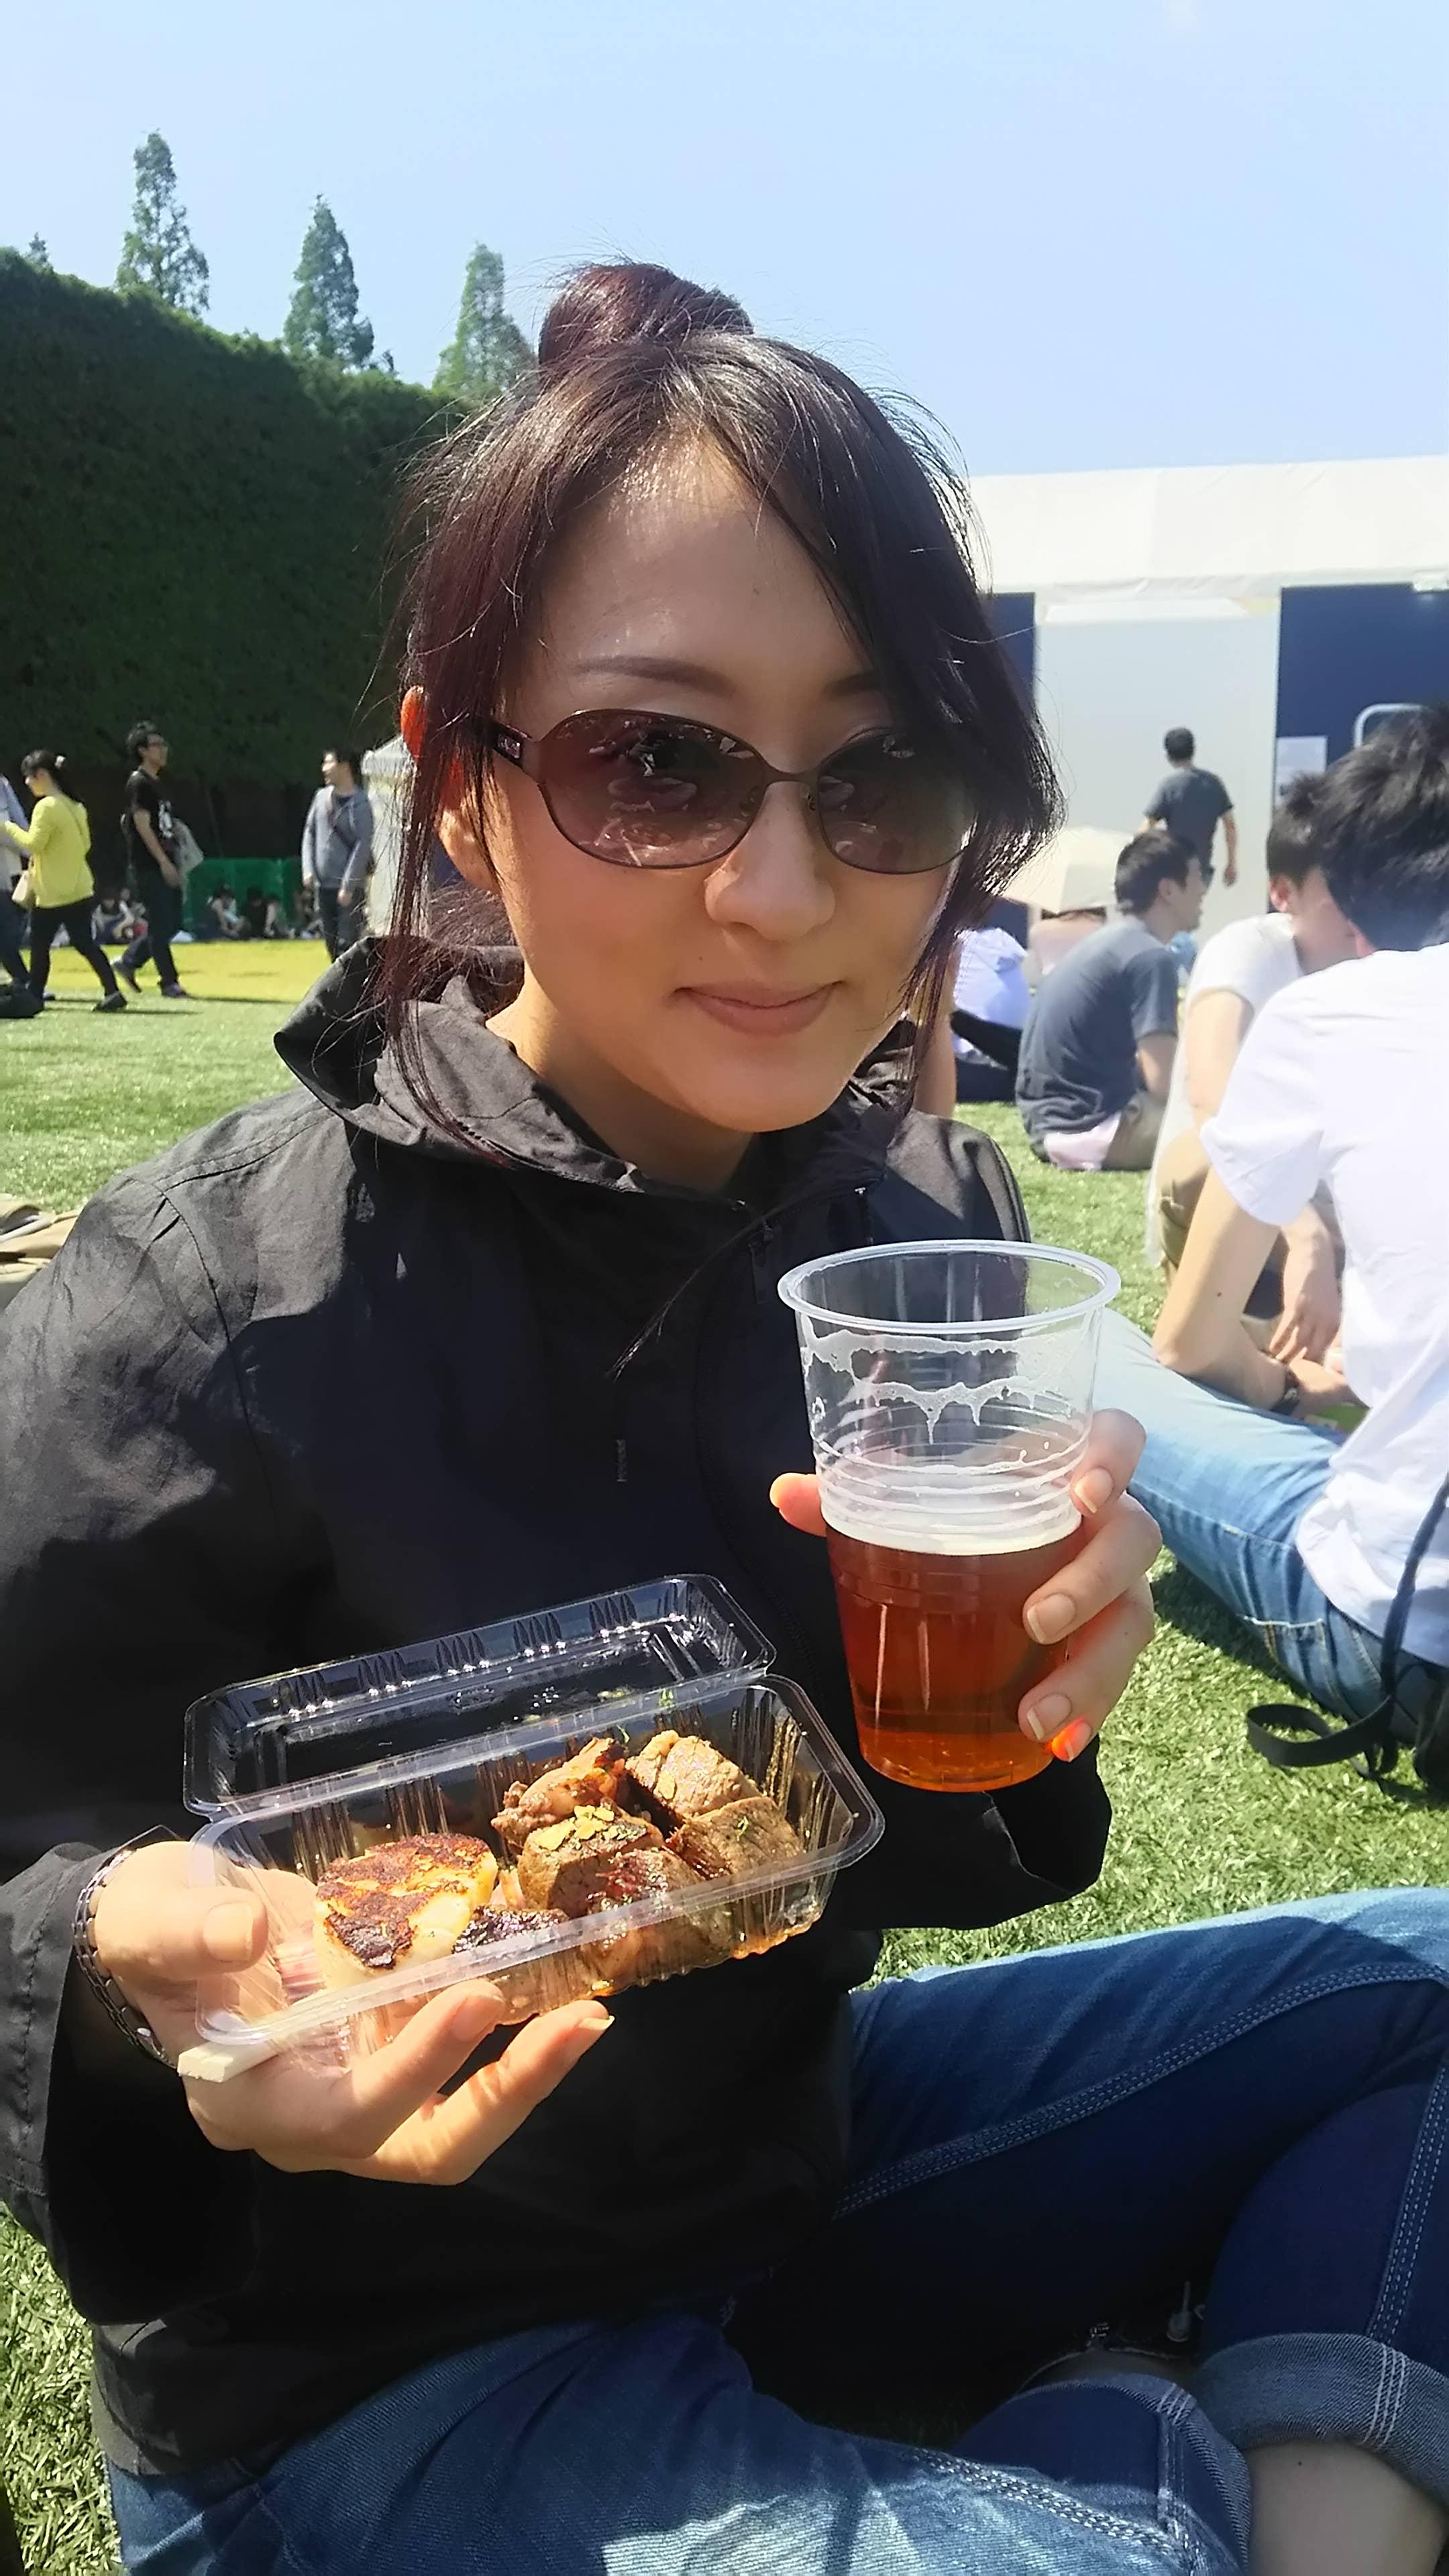 etsuokobayashi